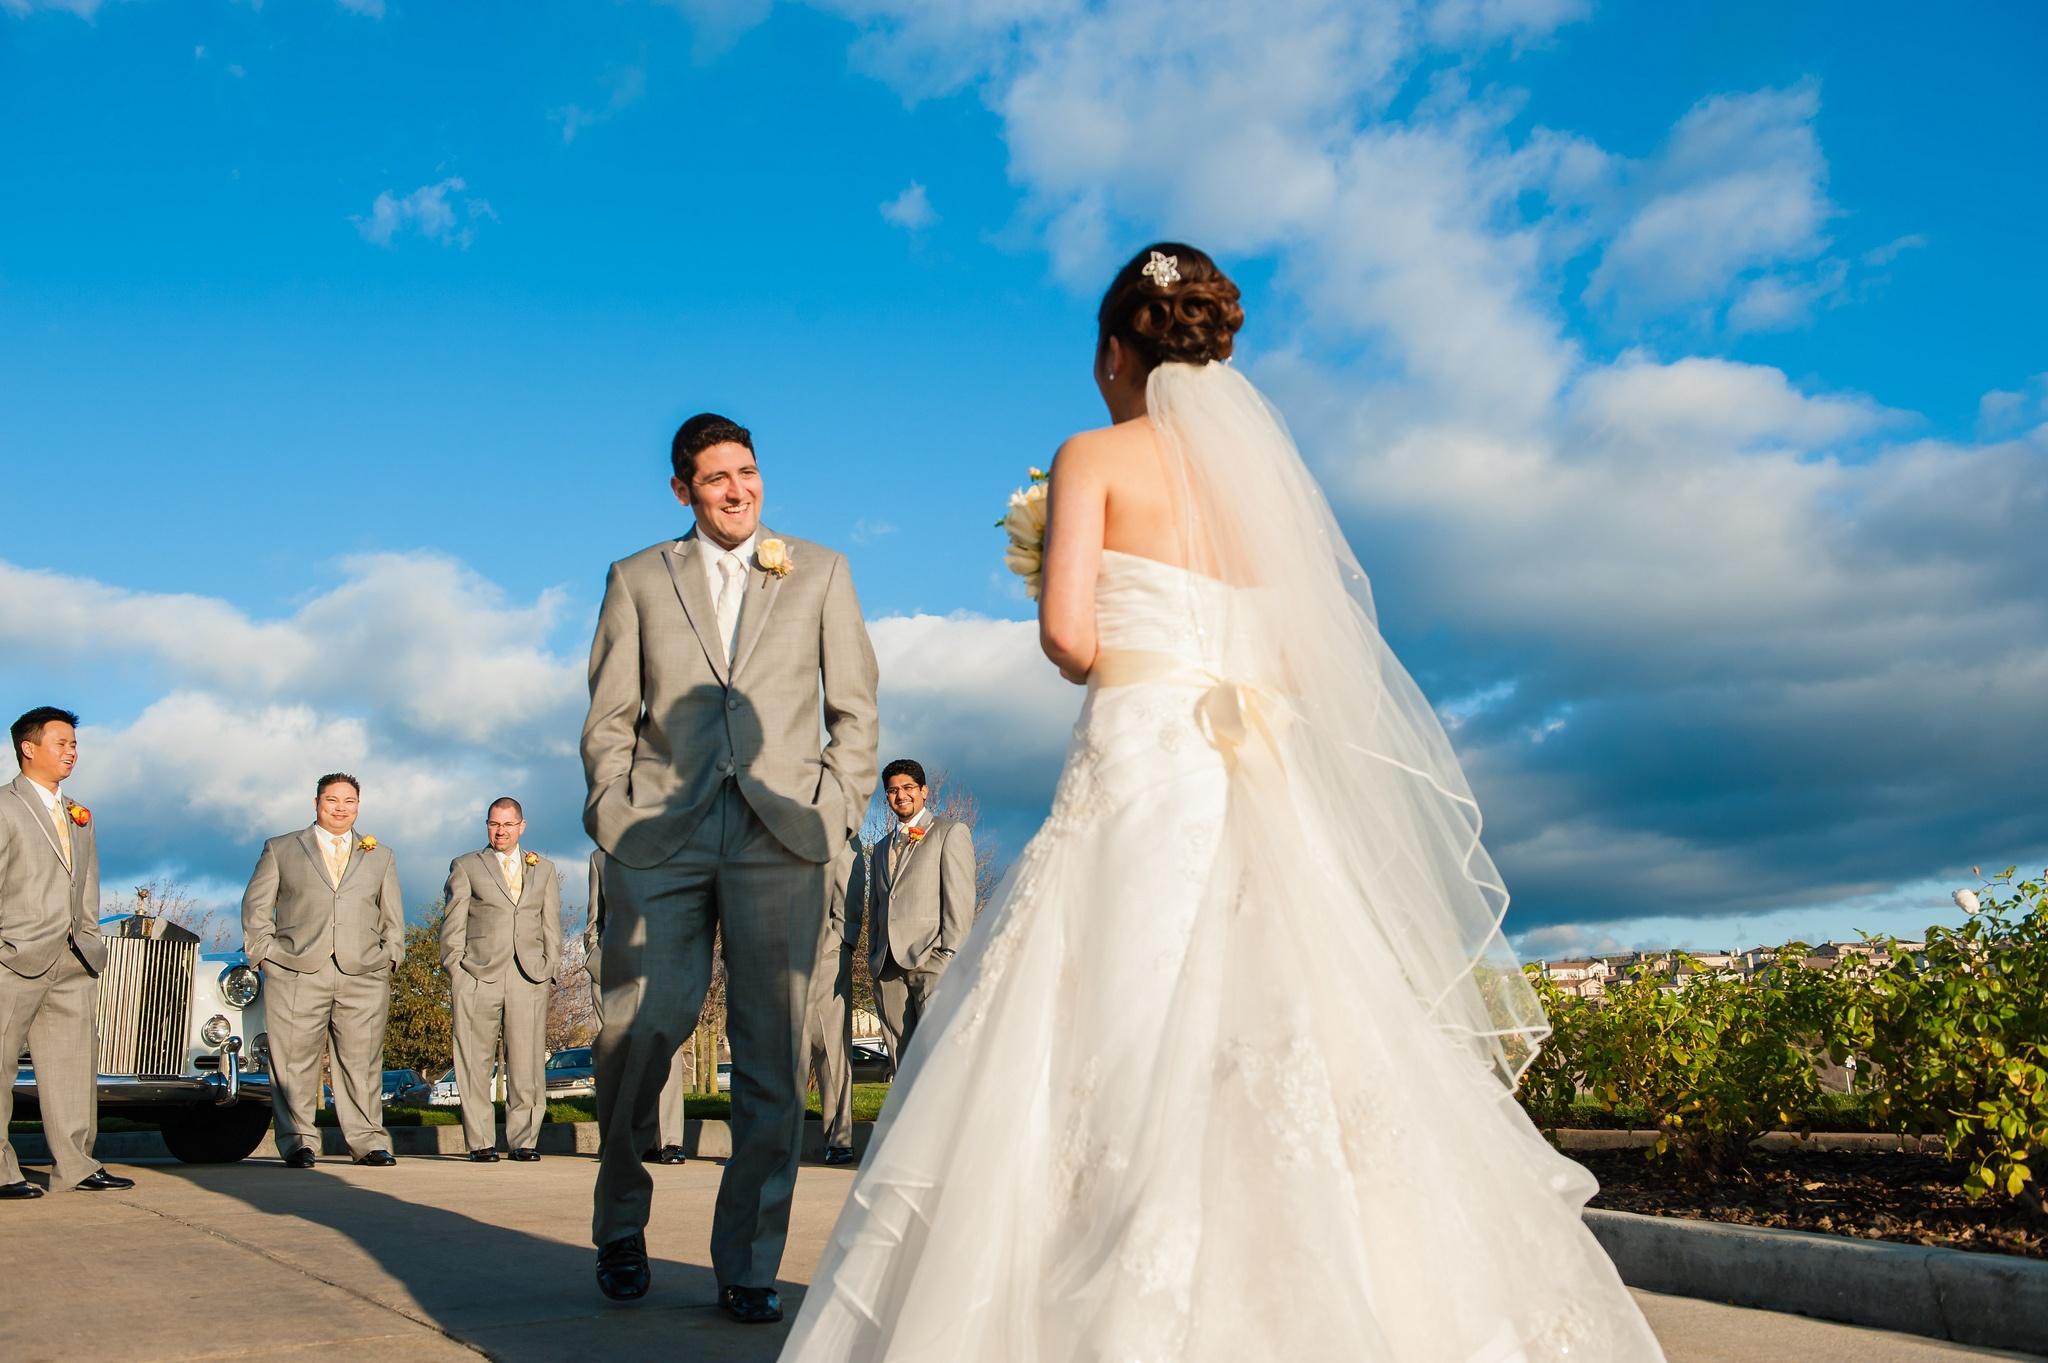 outdoor_wedding.jpg